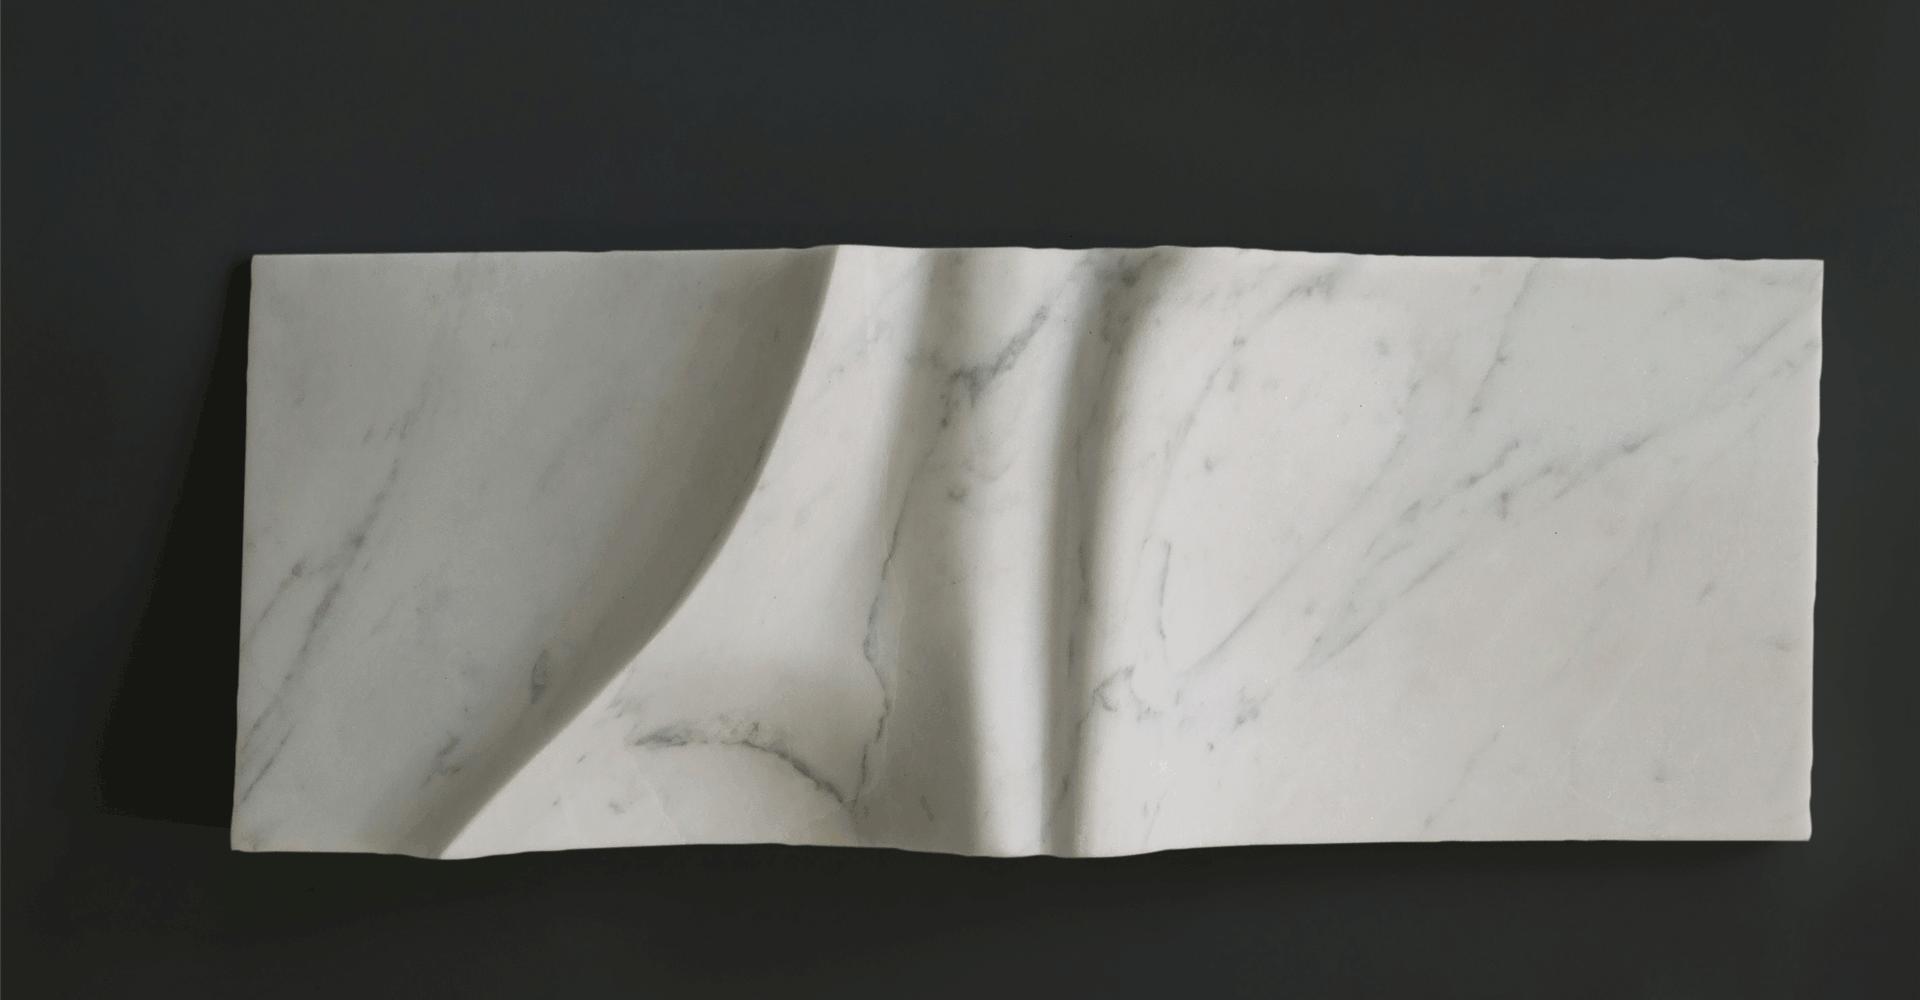 De vijf reliefs, Materiaal: marmer, formaat: 40 x 14 x 8 cm